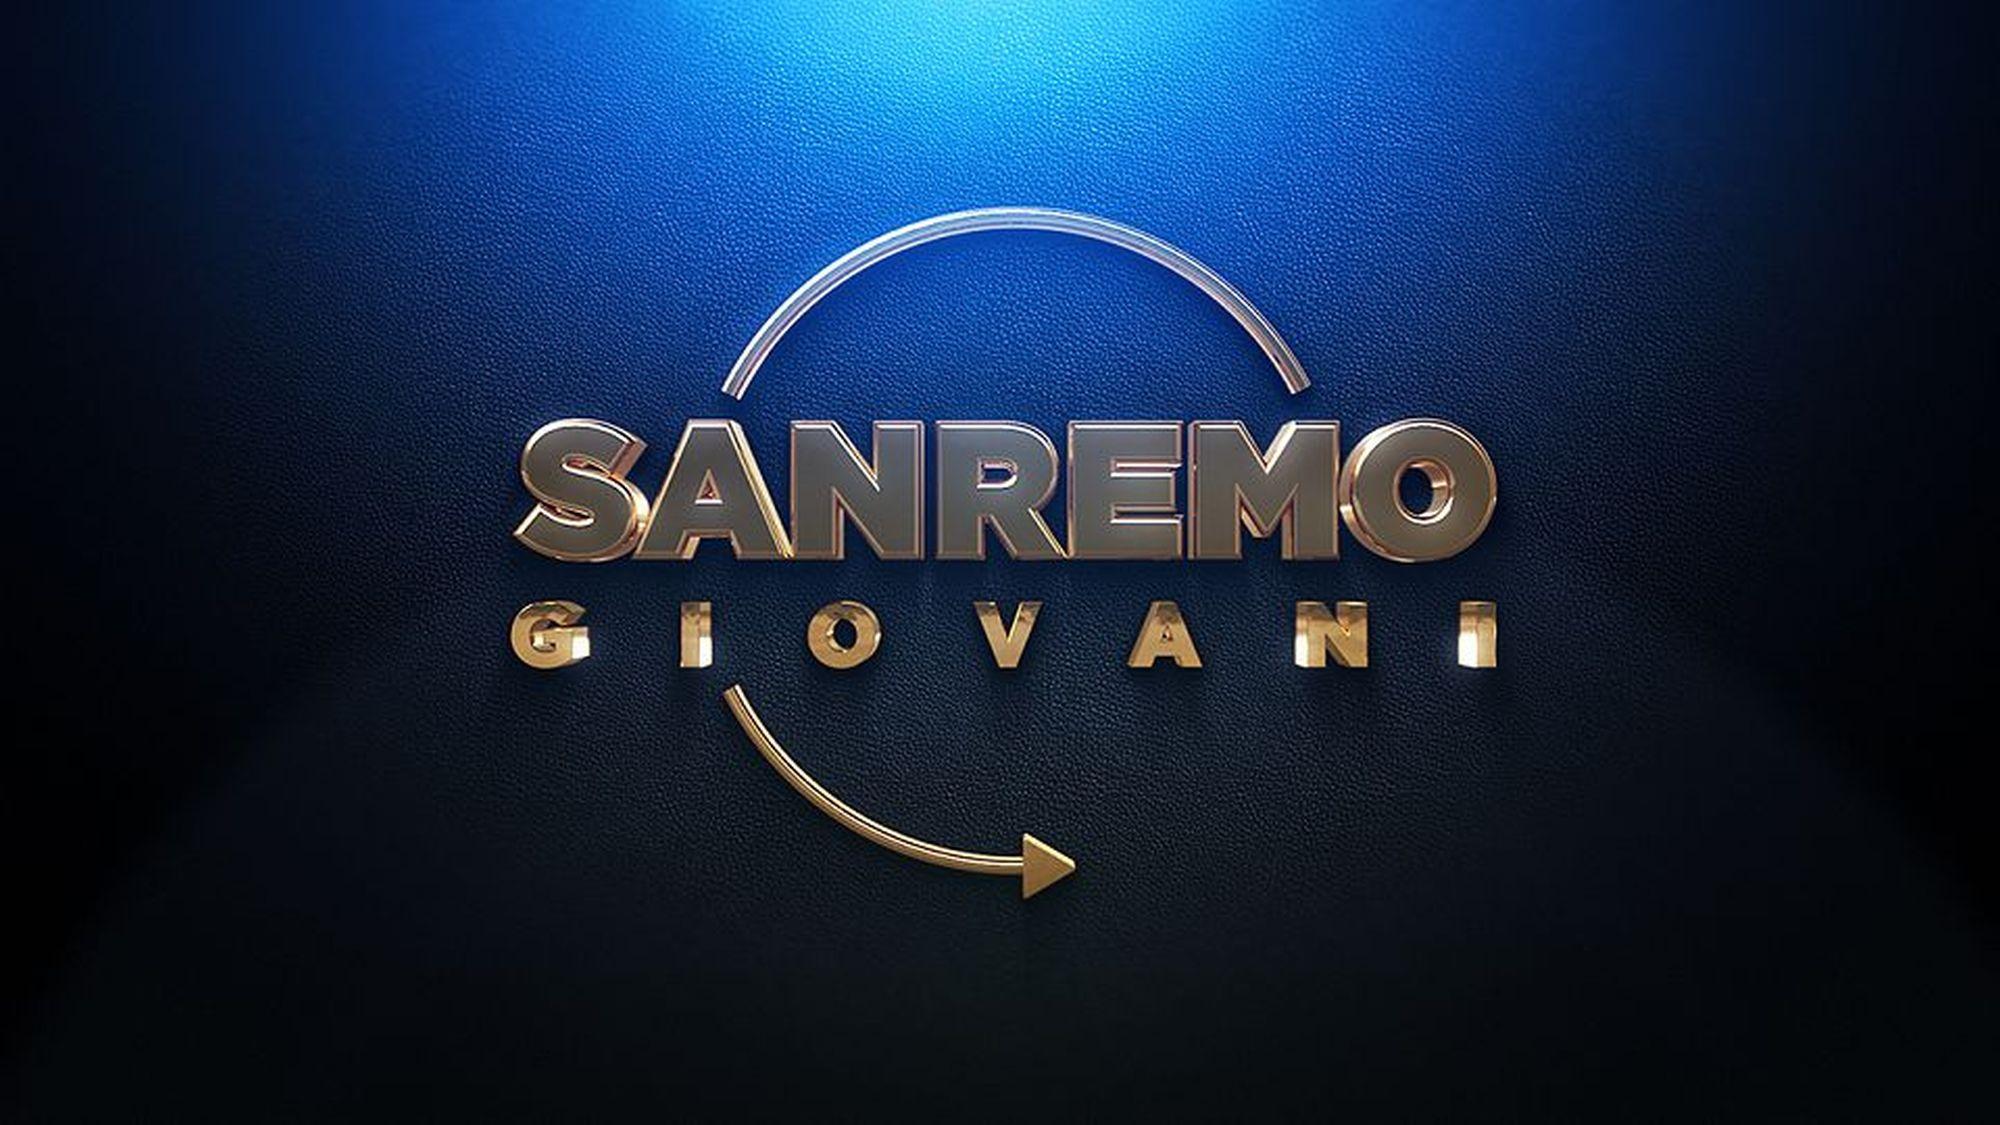 Sanremo Giovani 2019: chi è il vostro preferito? (sondaggio) - Bellacanzone